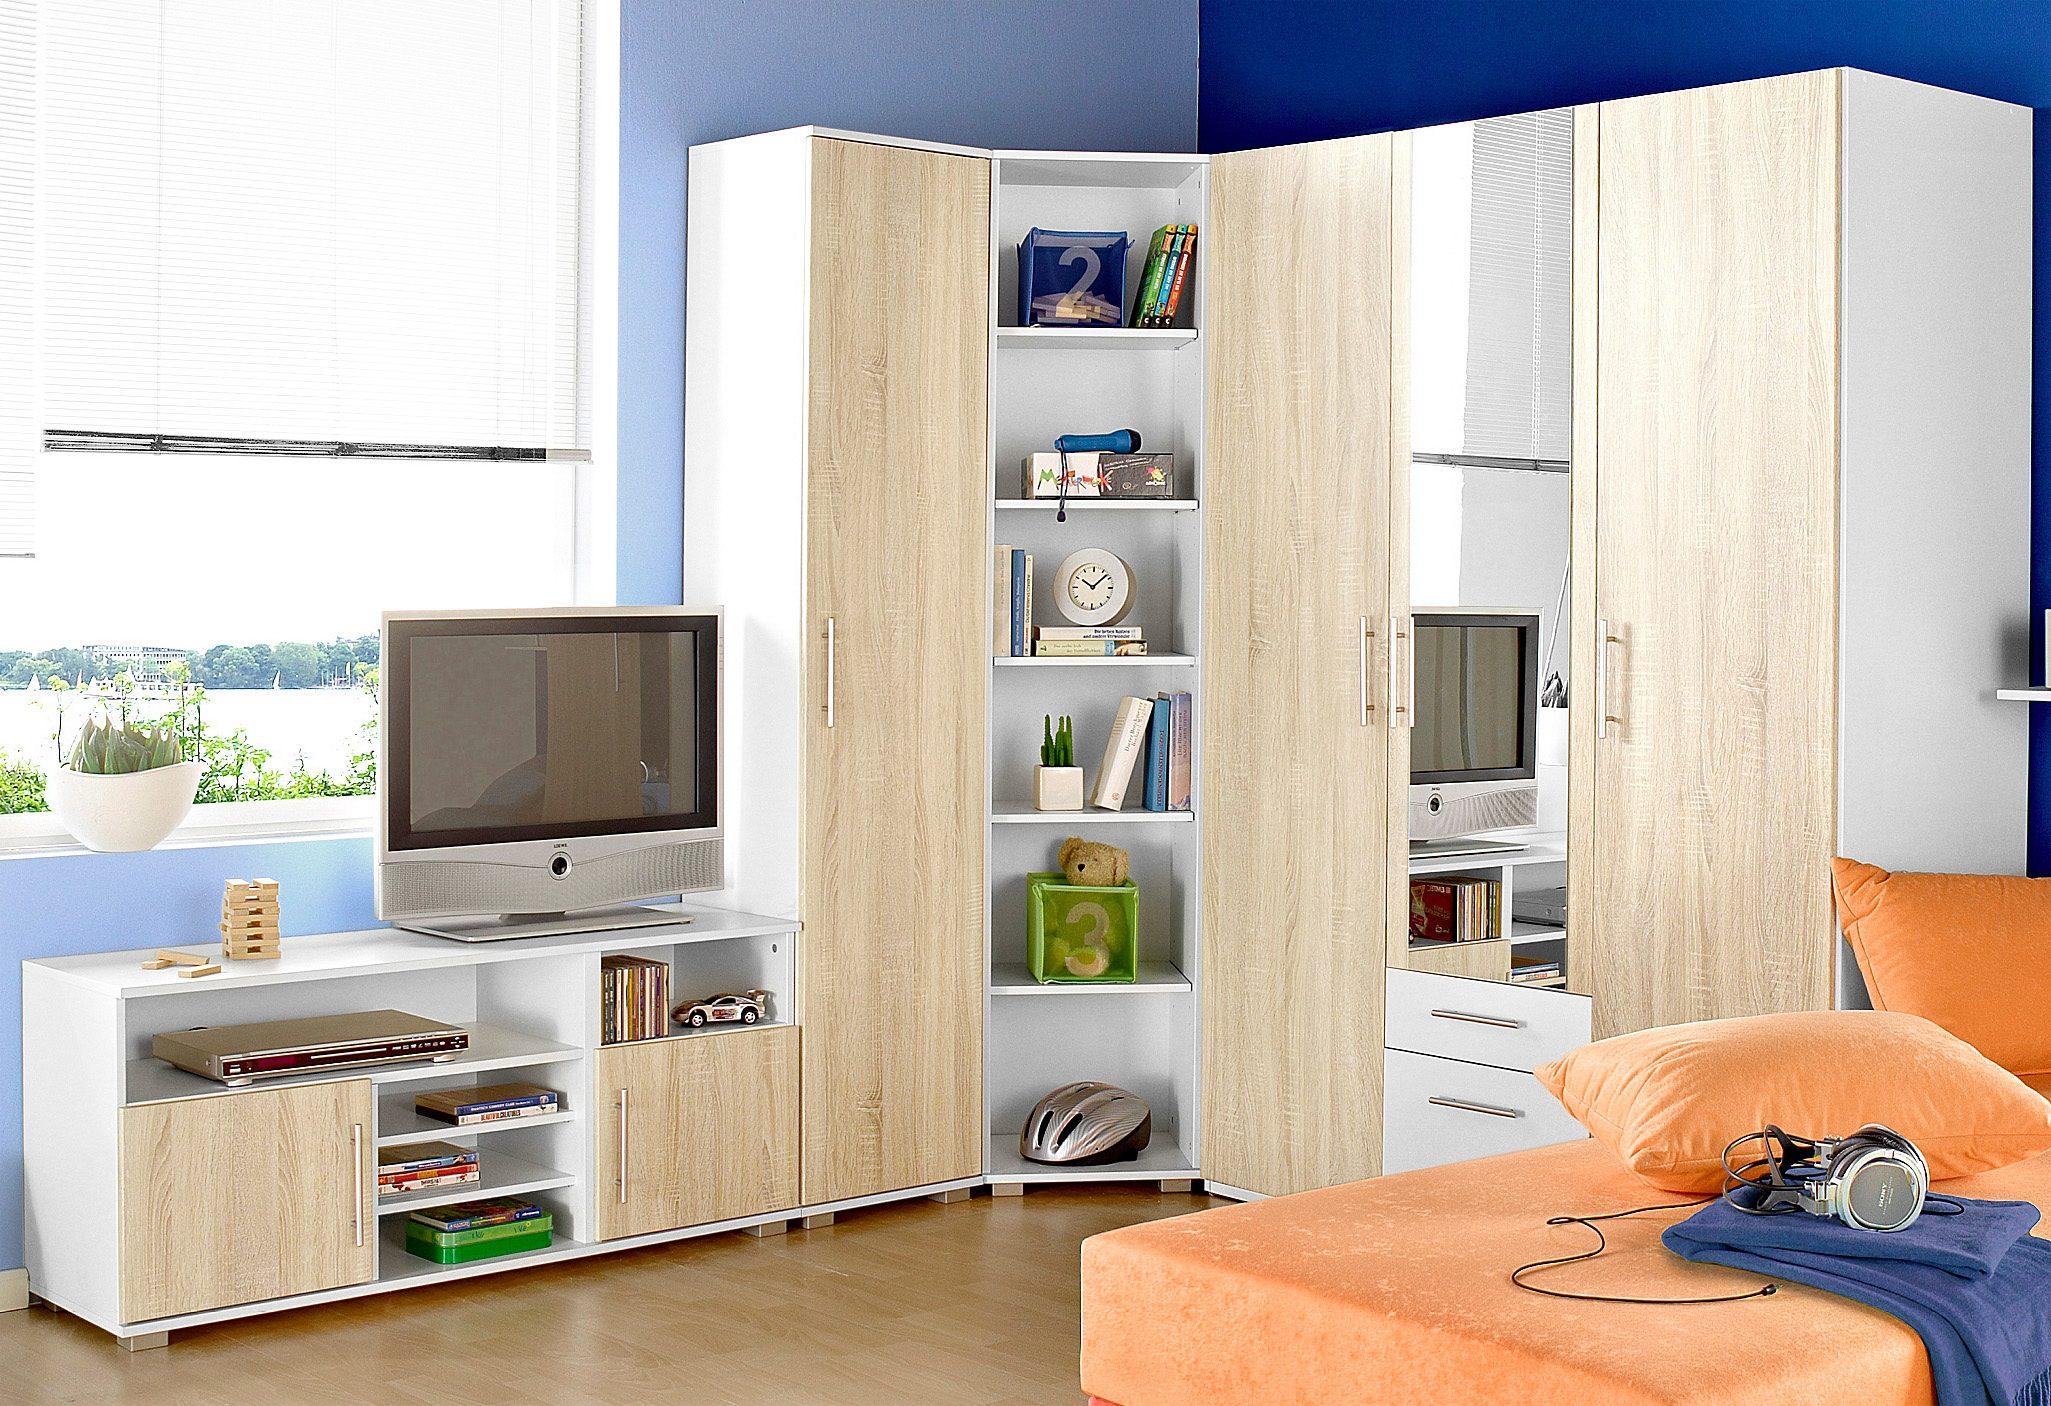 Jugendzimmer-Set, (Set, 5 St.) beige Komplett-Jugendzimmer Jugendmöbel Jugendzimmer-Set